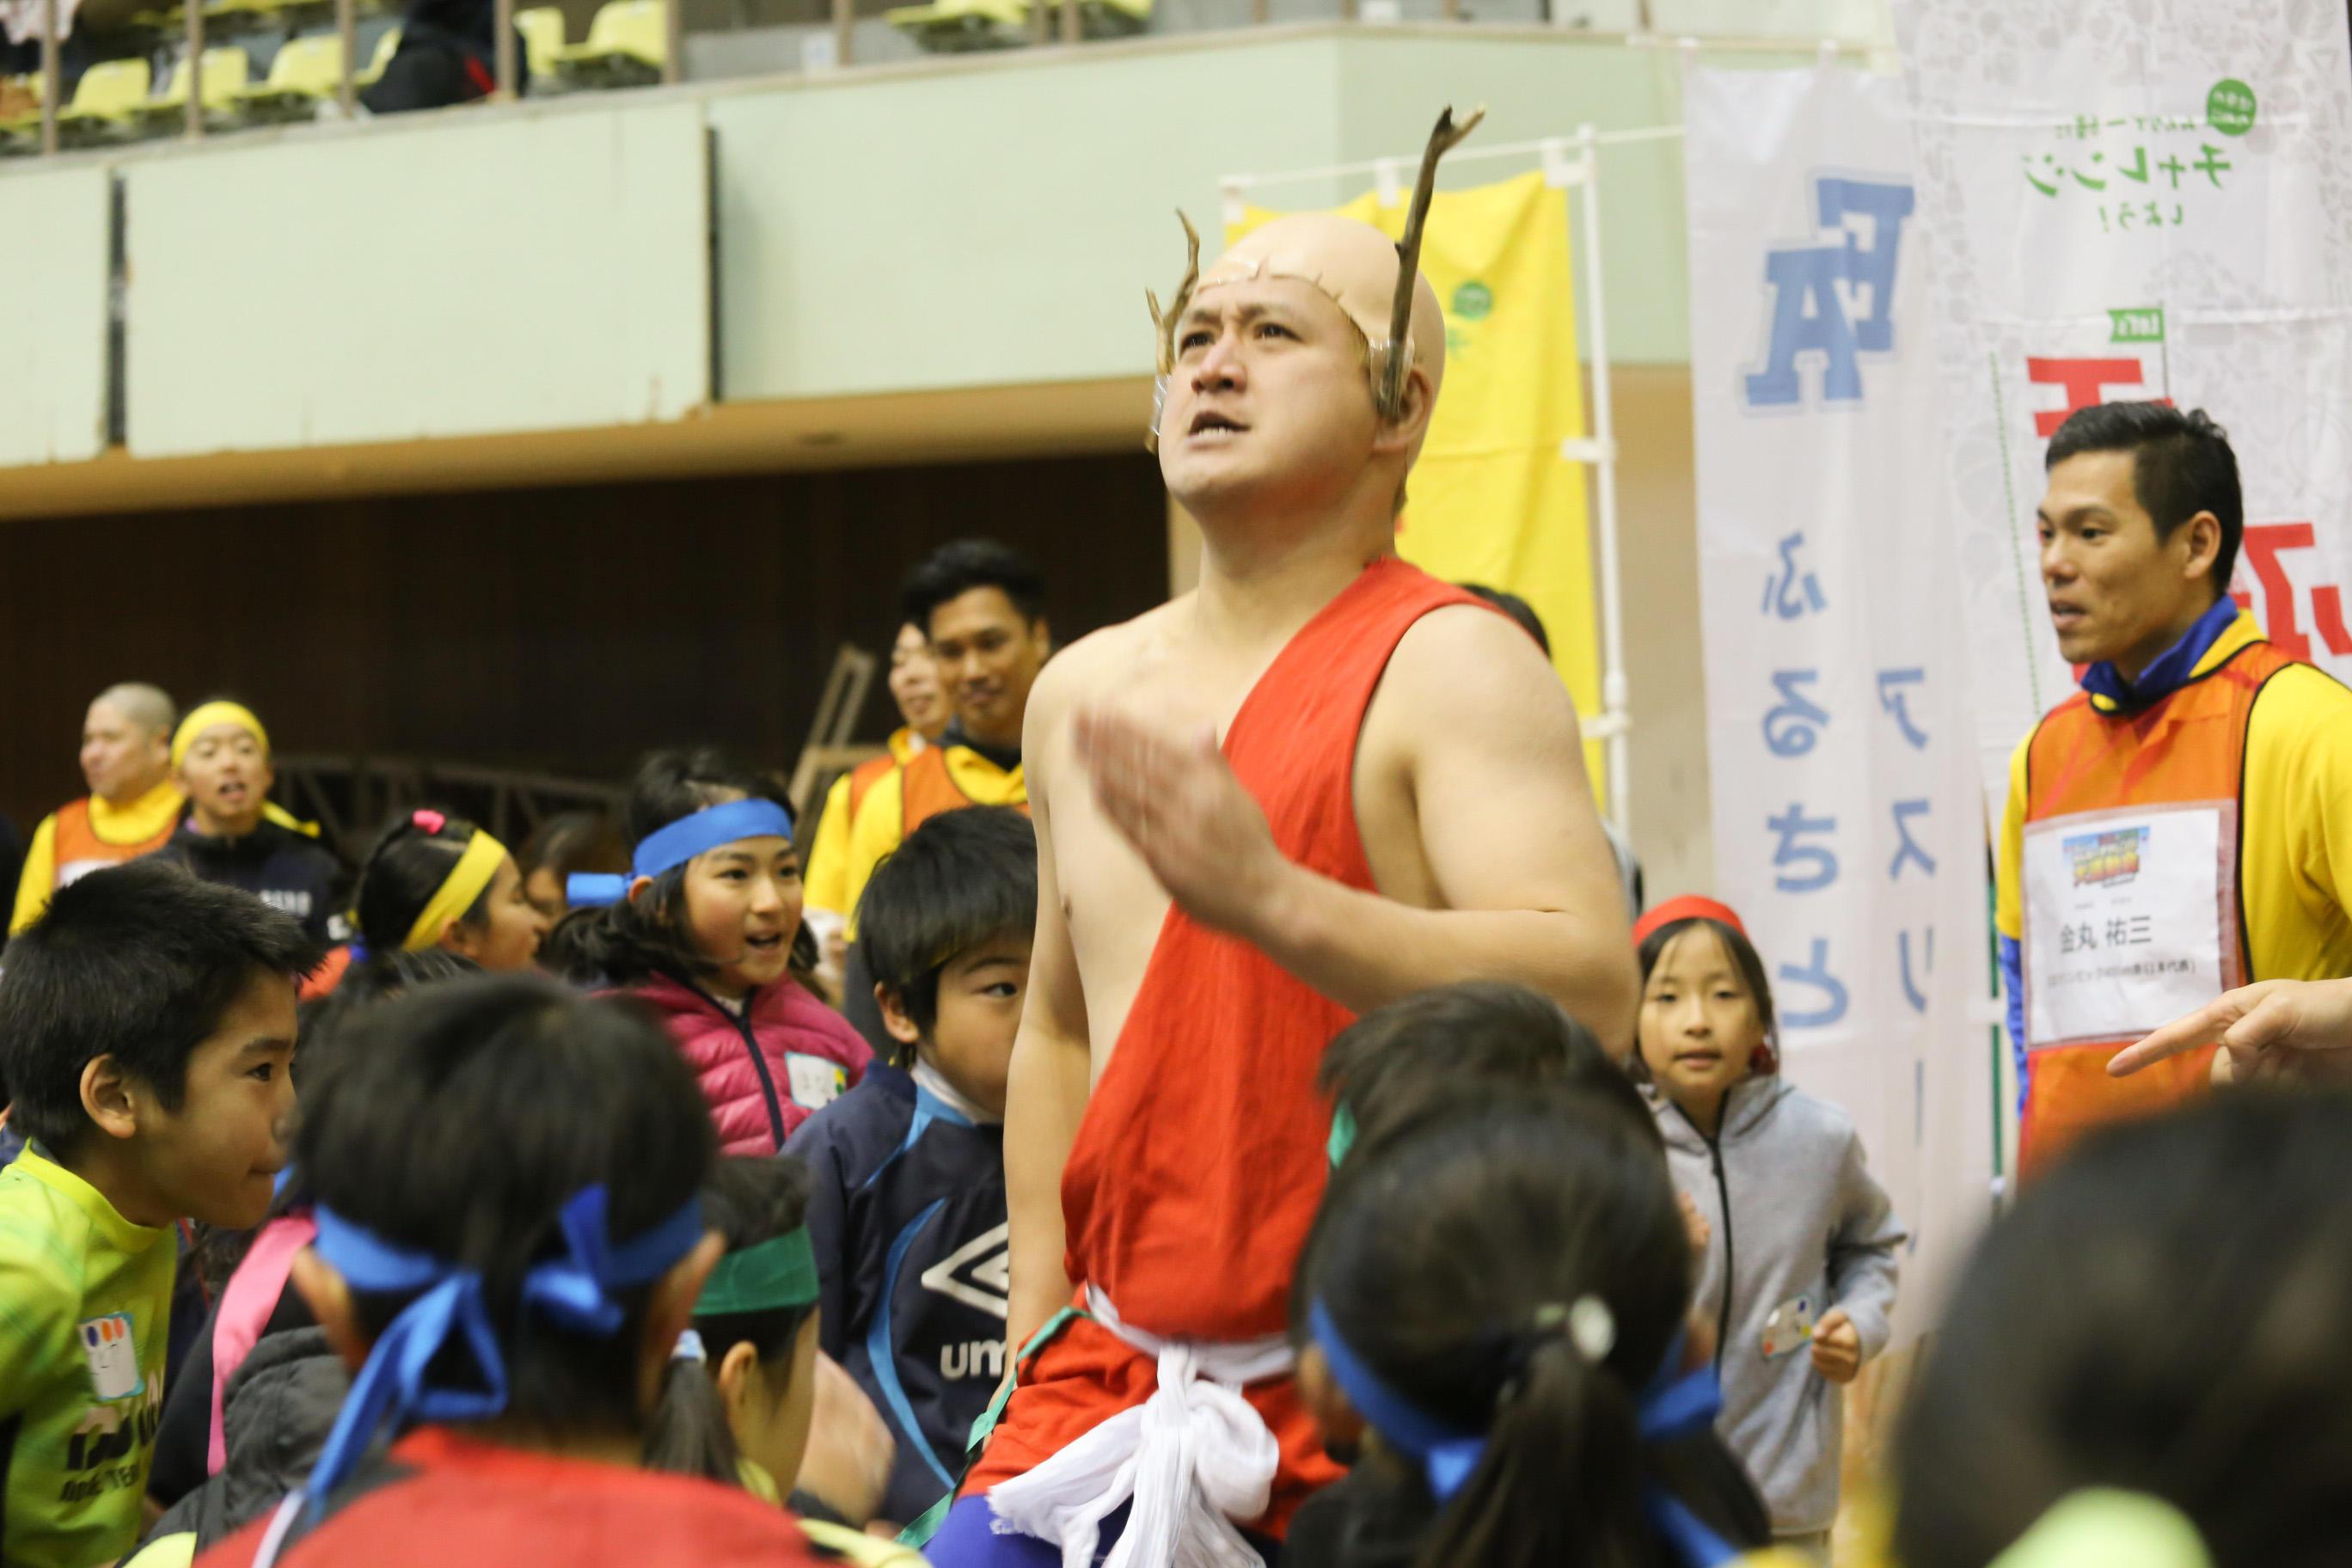 http://news.yoshimoto.co.jp/20171129024143-205d0b0ee914c2c5ae60e7e280c9028da372dfd0.jpg